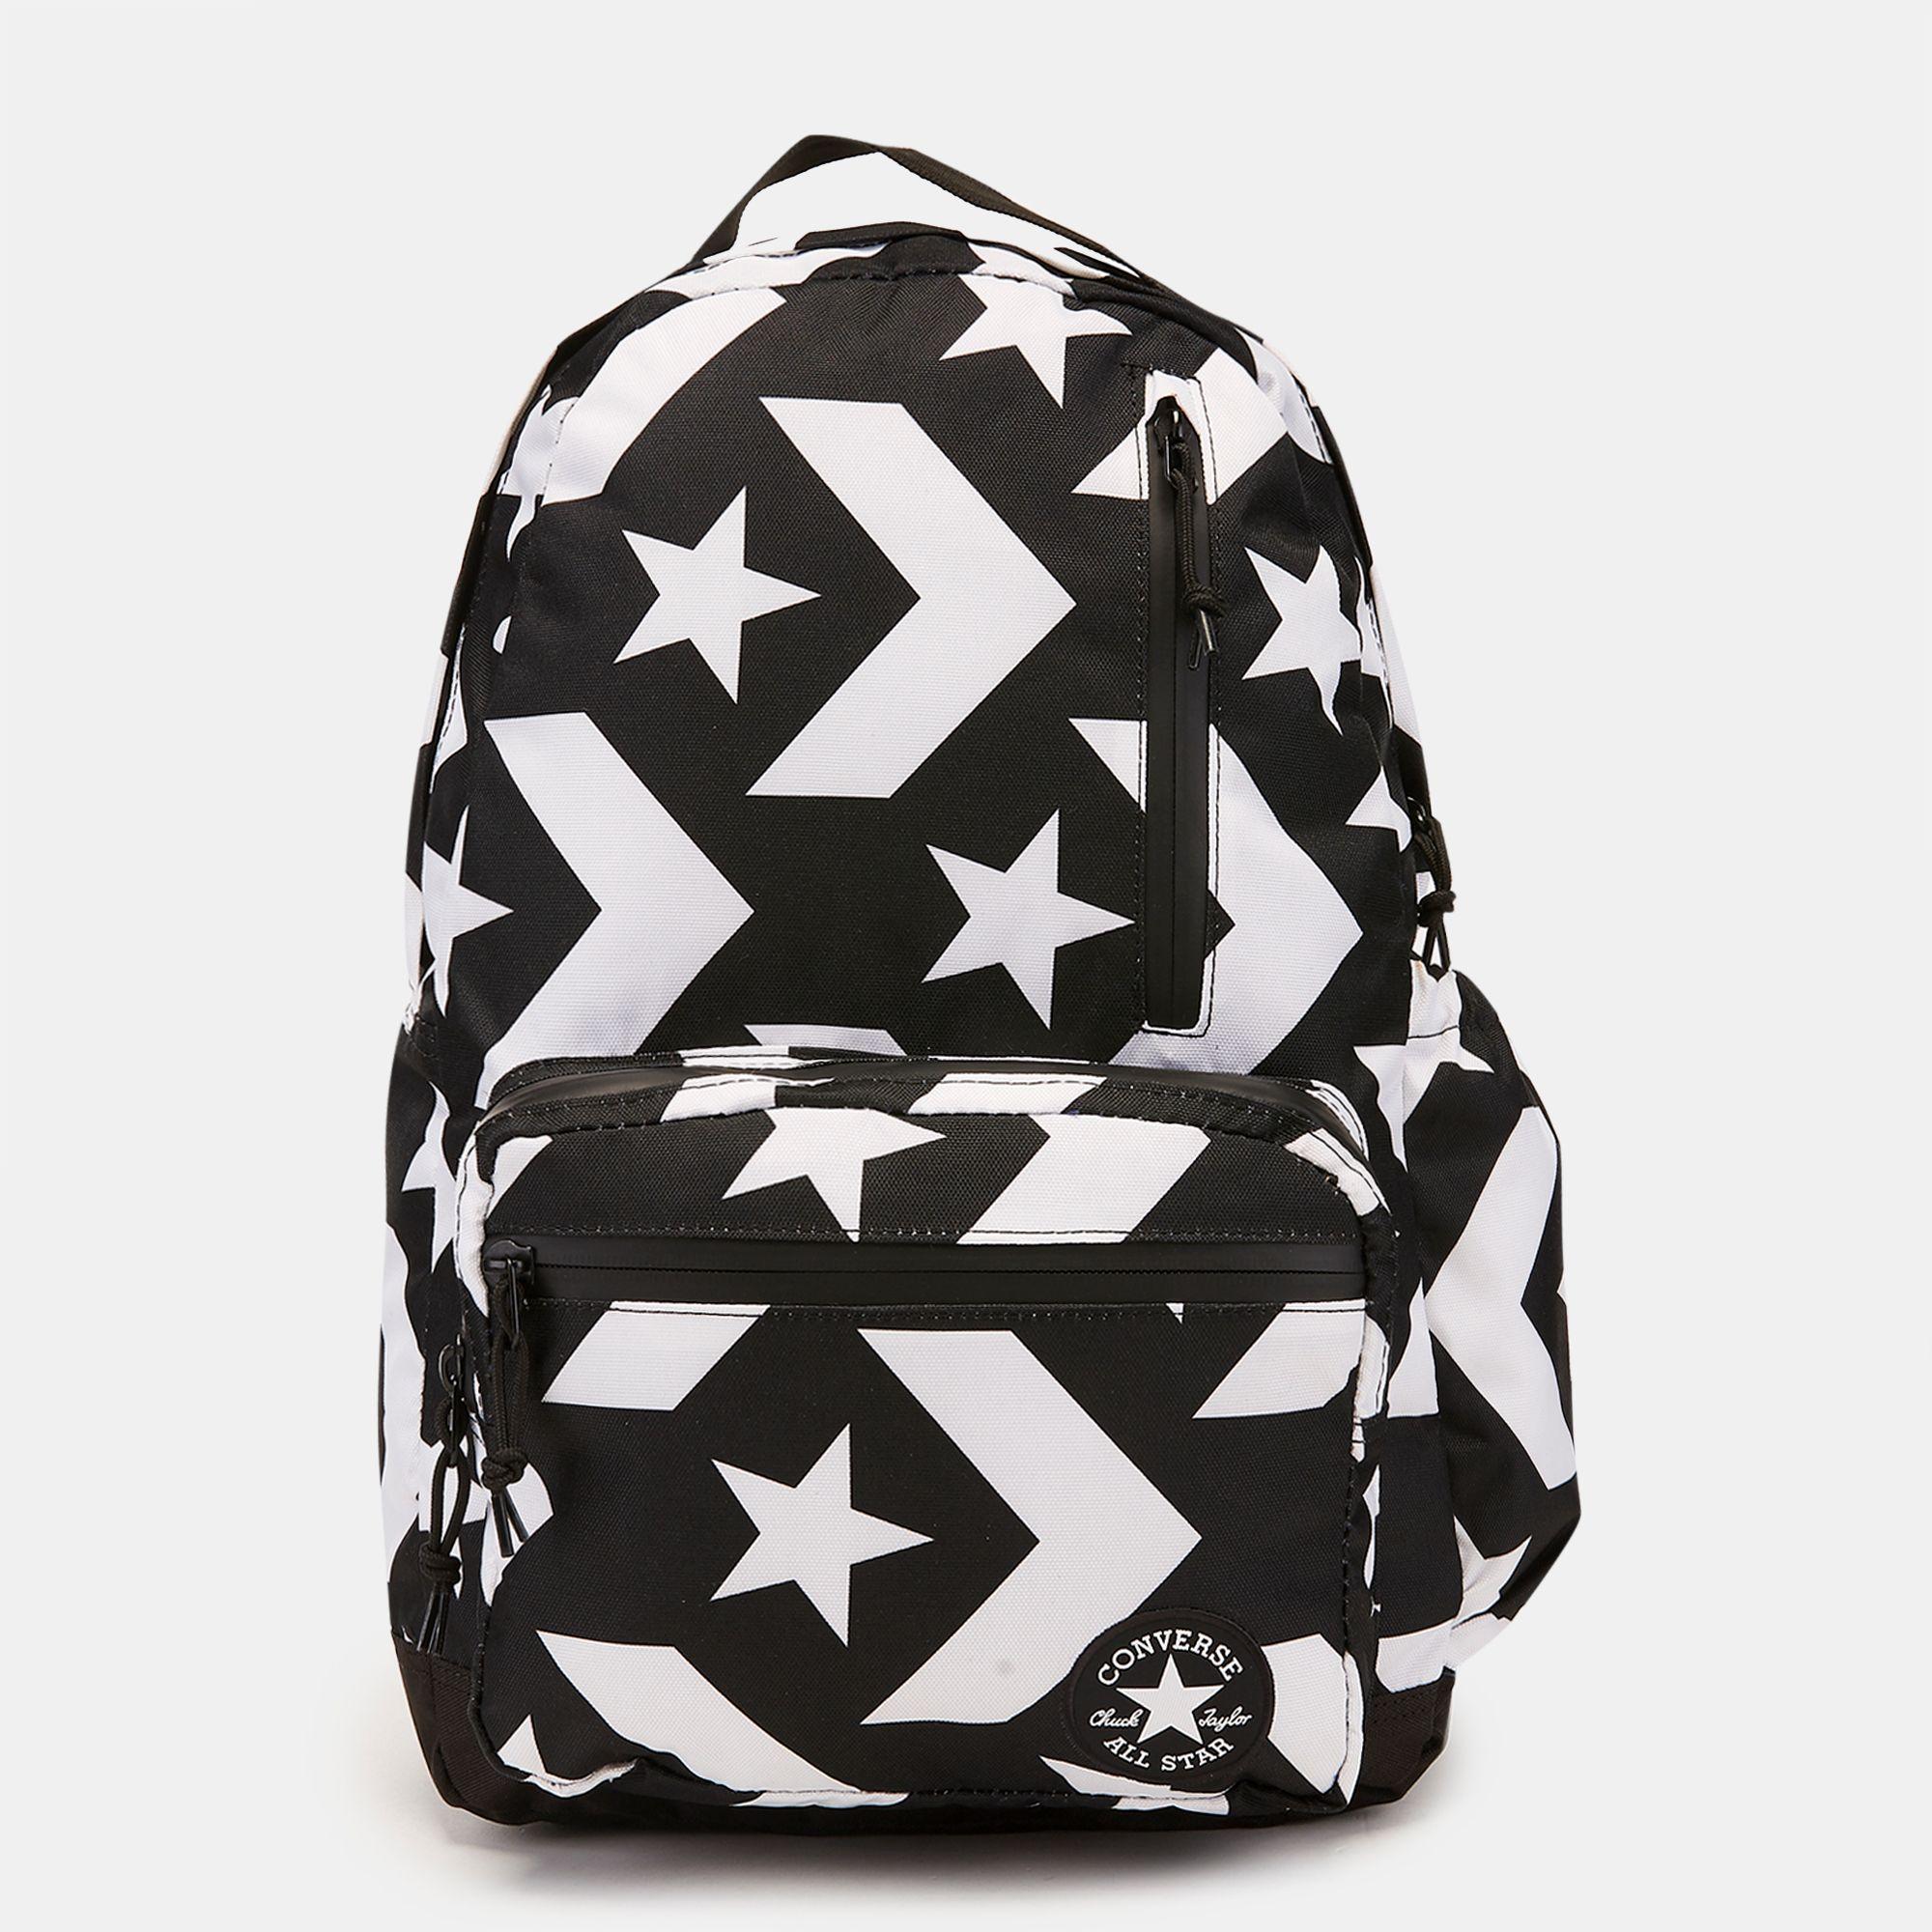 d4b265dedf3a Shop Black Converse Go Backpack